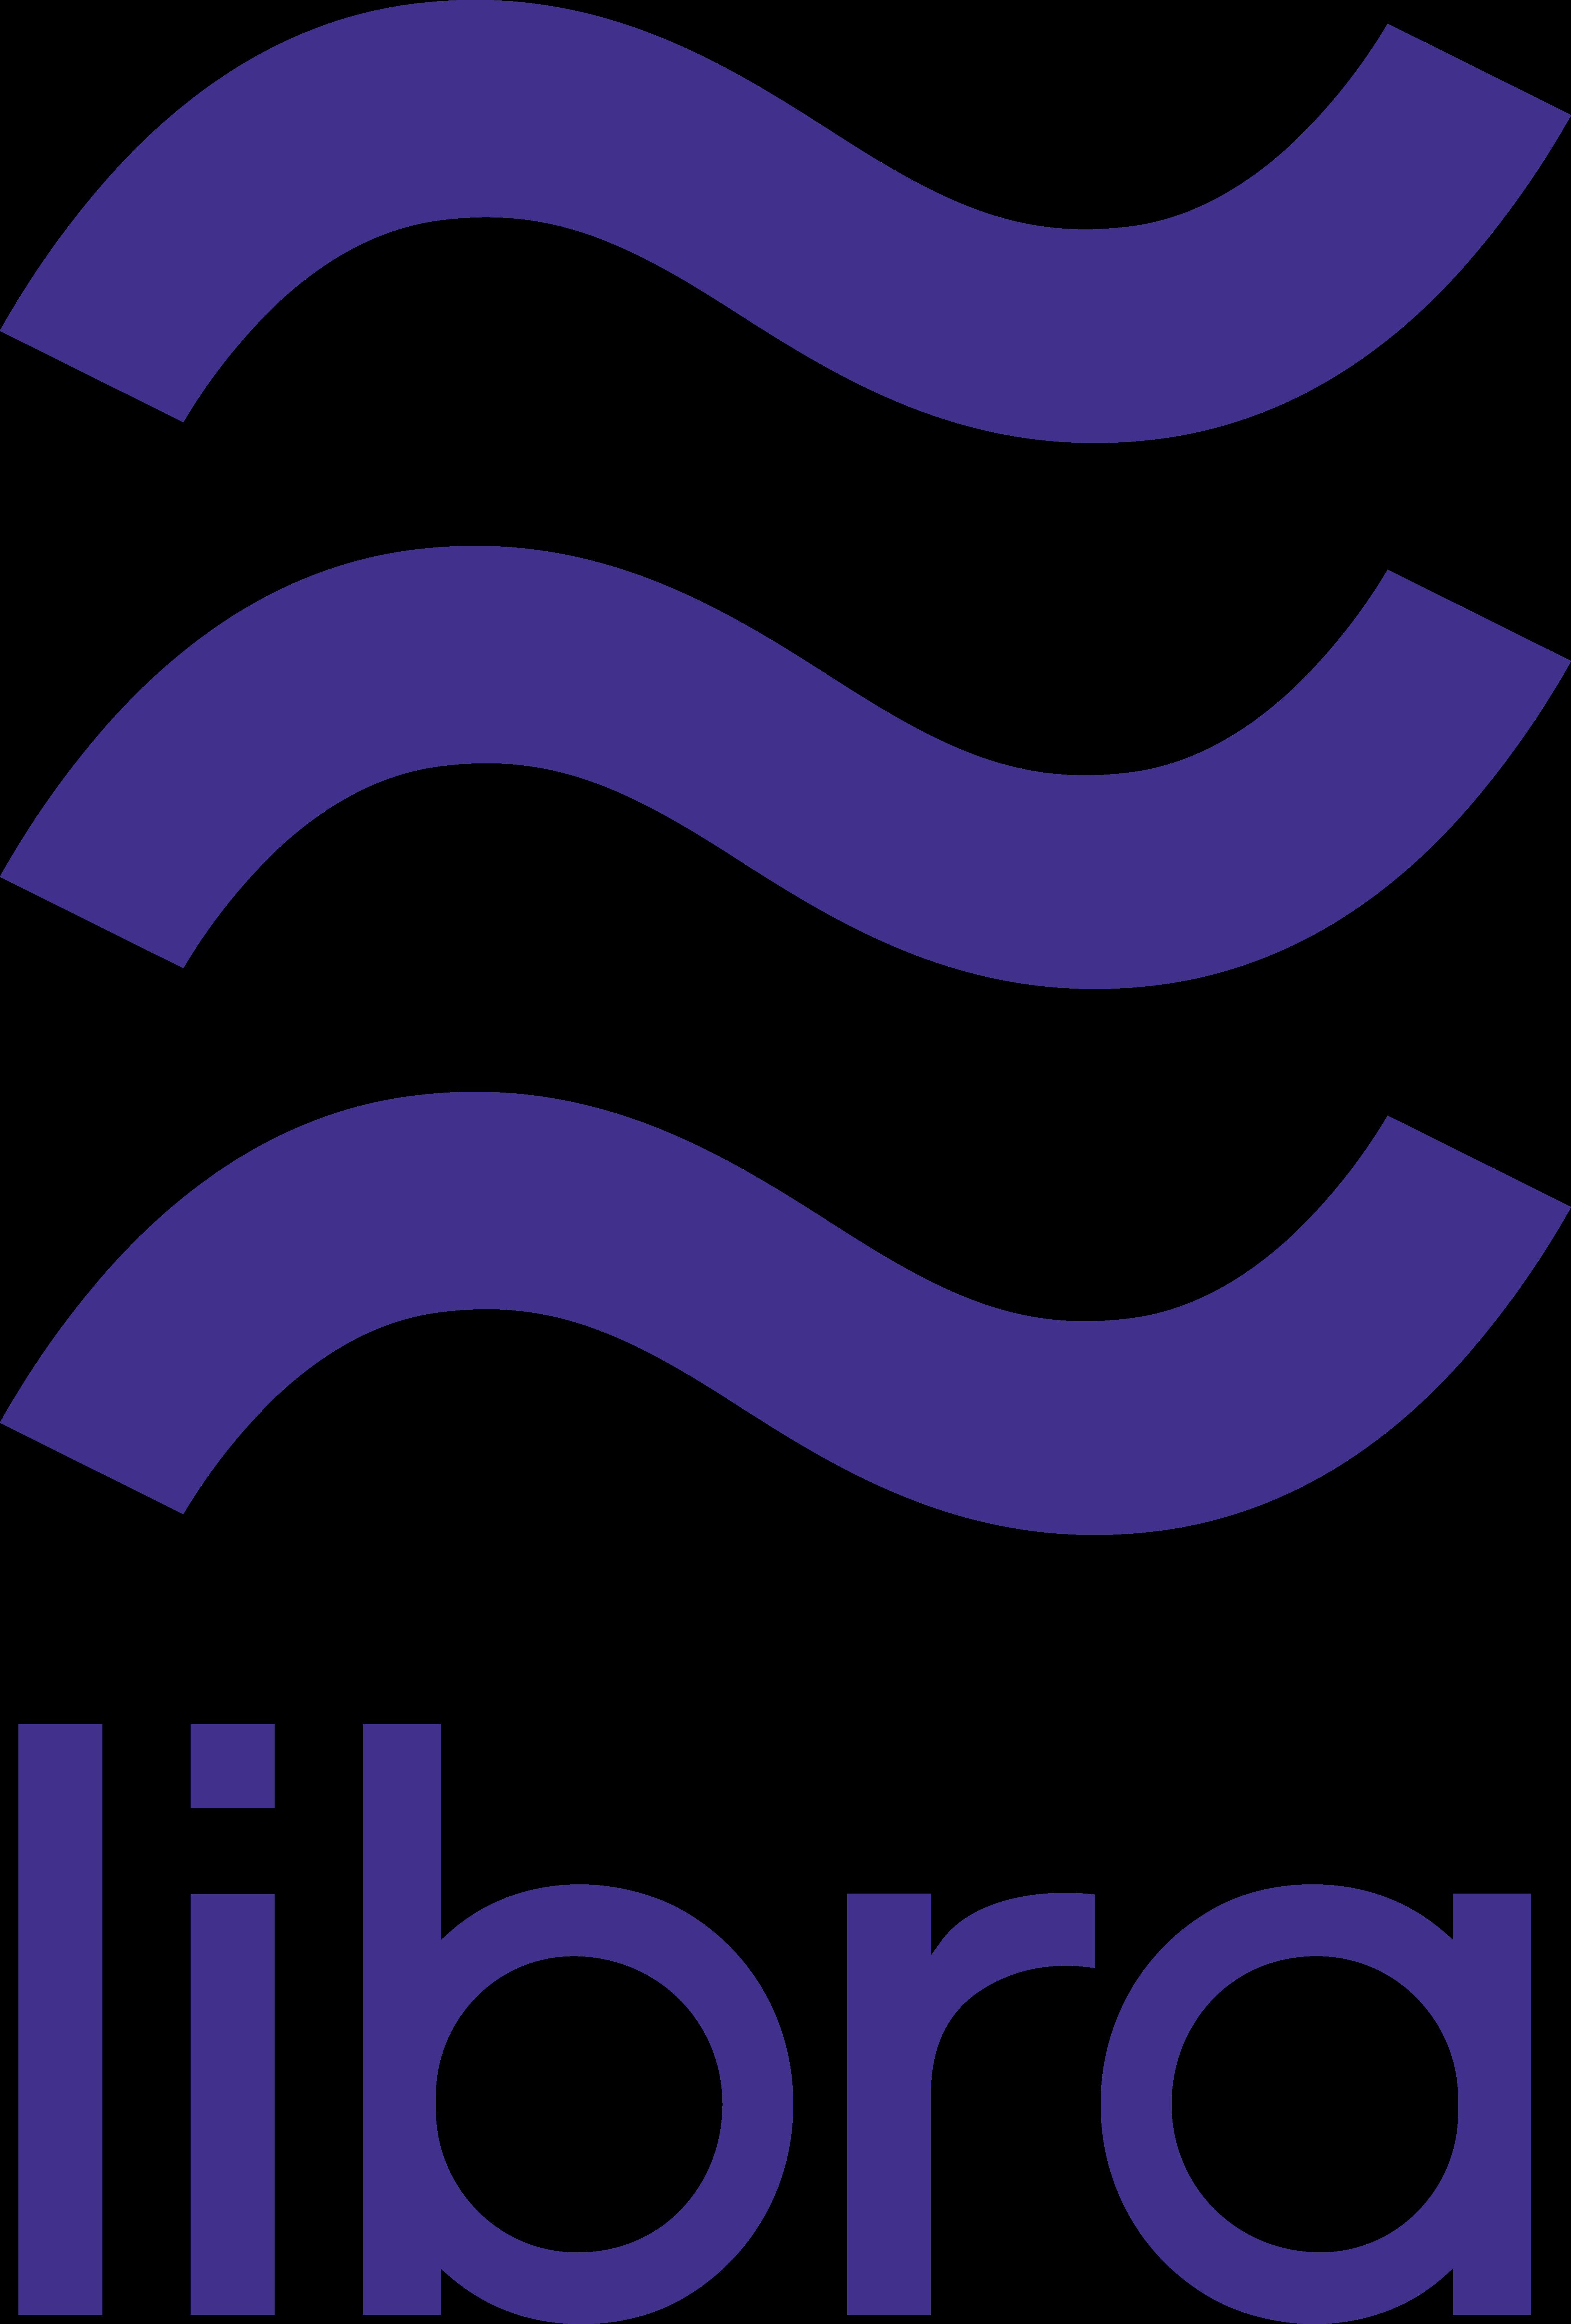 libra logo 0 - Libra Logo